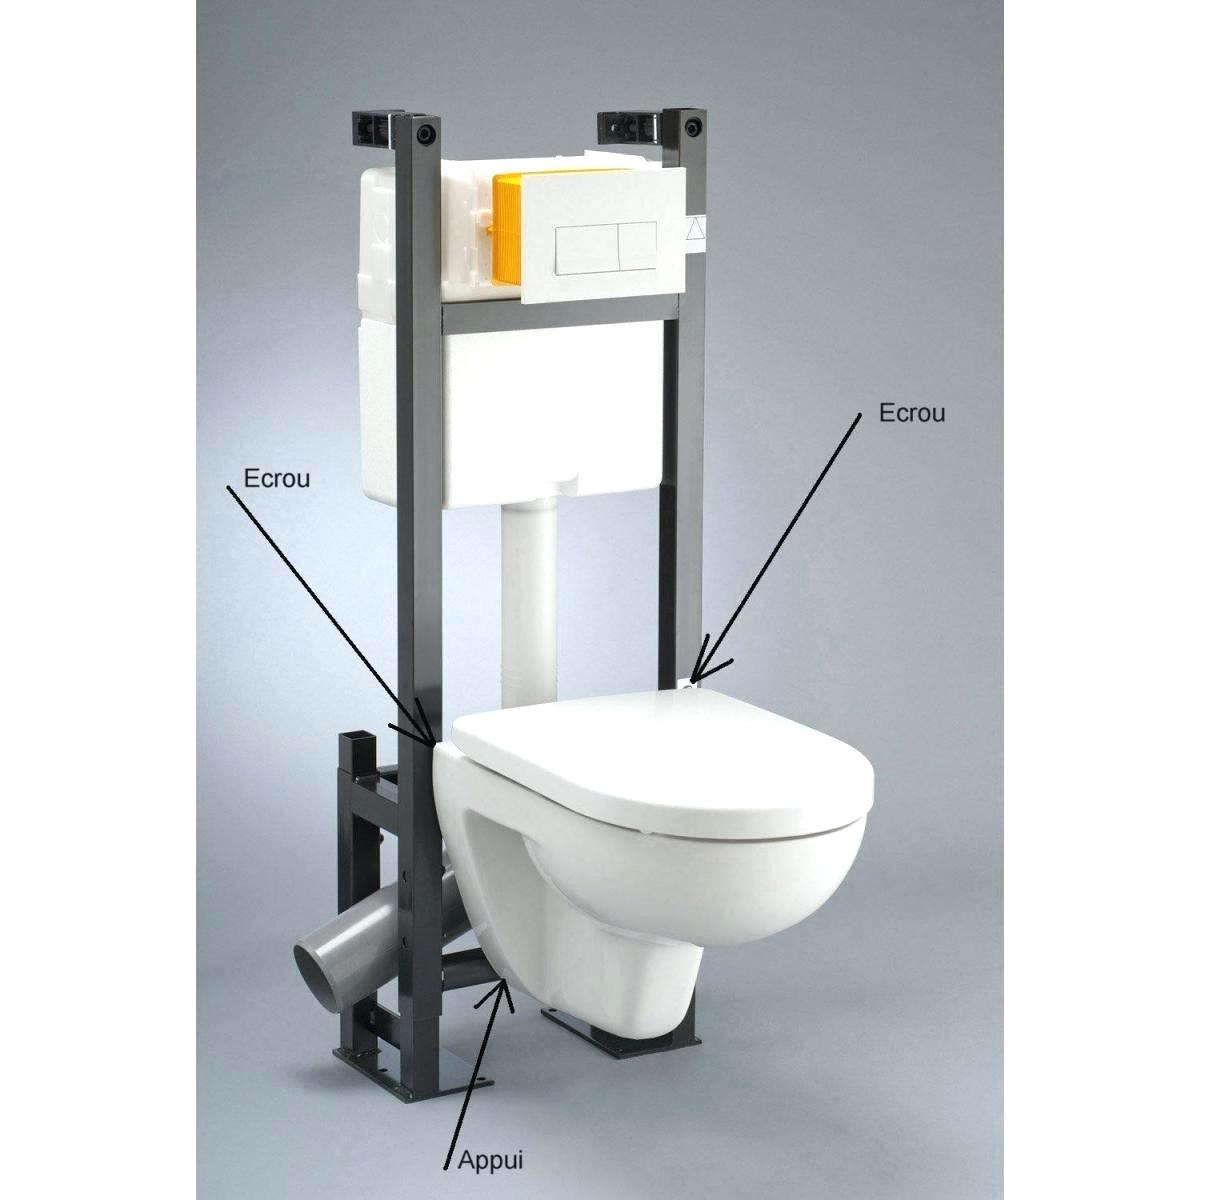 Habillage Wc Suspendu Grohe destiné Toilette Suspendu Grohe